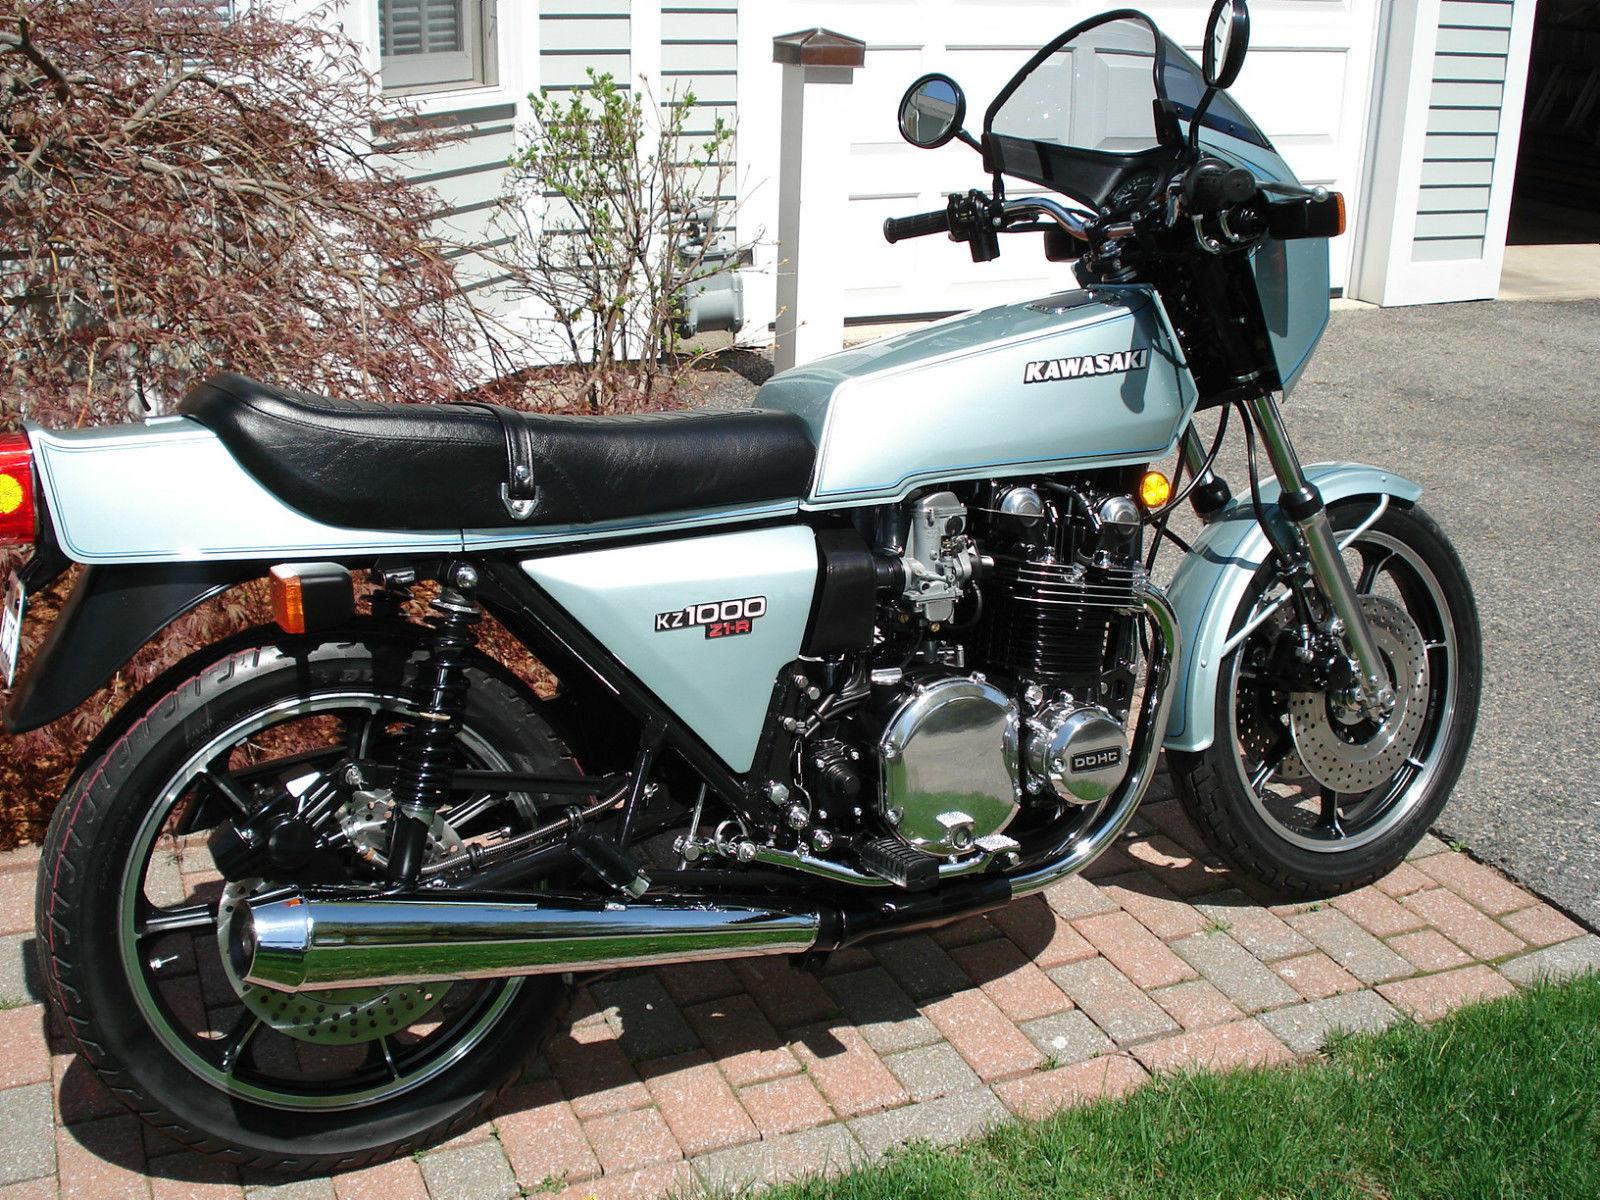 Restored Kawasaki Z1R - 1978 Photographs at Classic Bikes